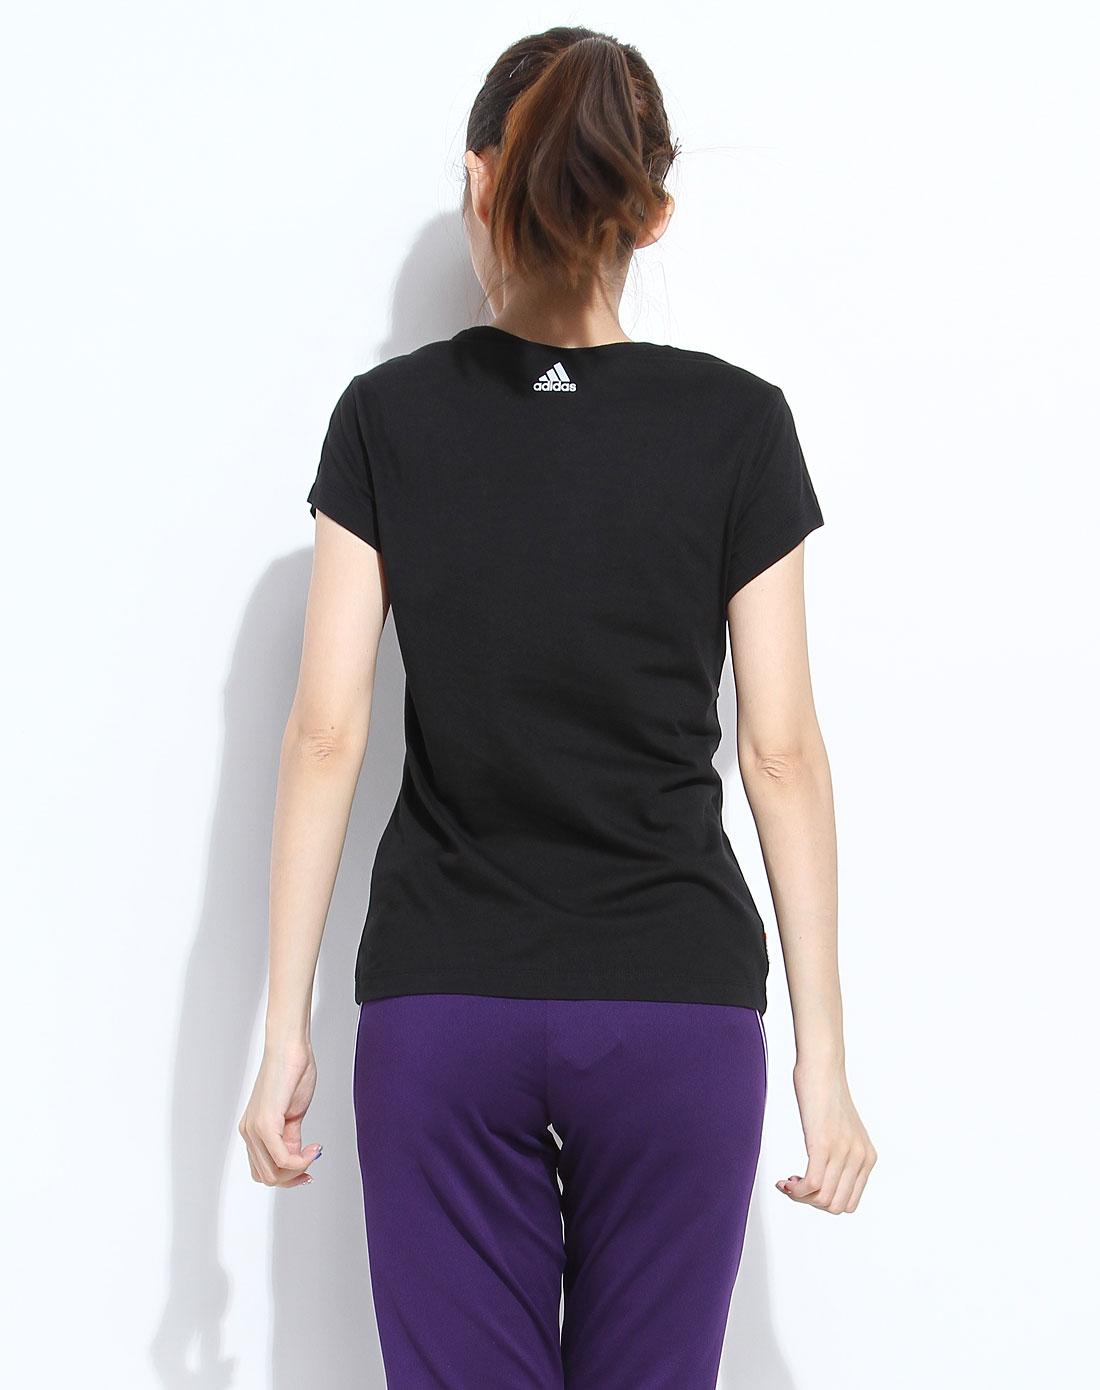 阿迪达斯adidas女士专场-黑色时尚烫字短袖t恤